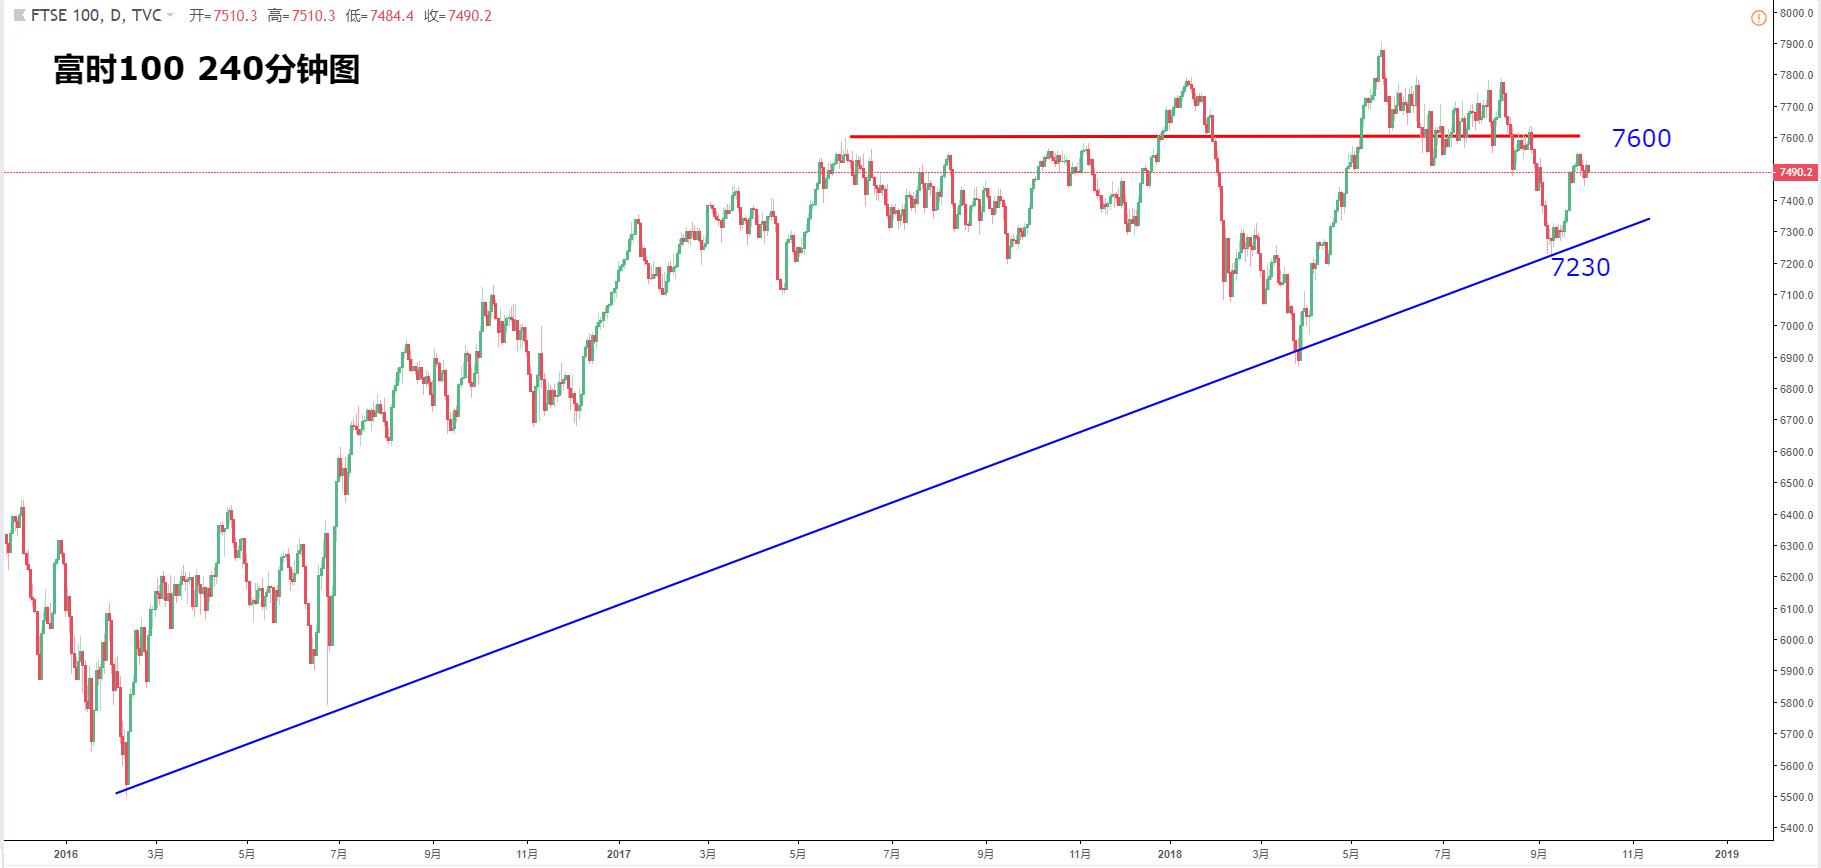 歐洲股指:斯托克50、德指DAX、富時100、法國CAC走勢分析(10月4日)